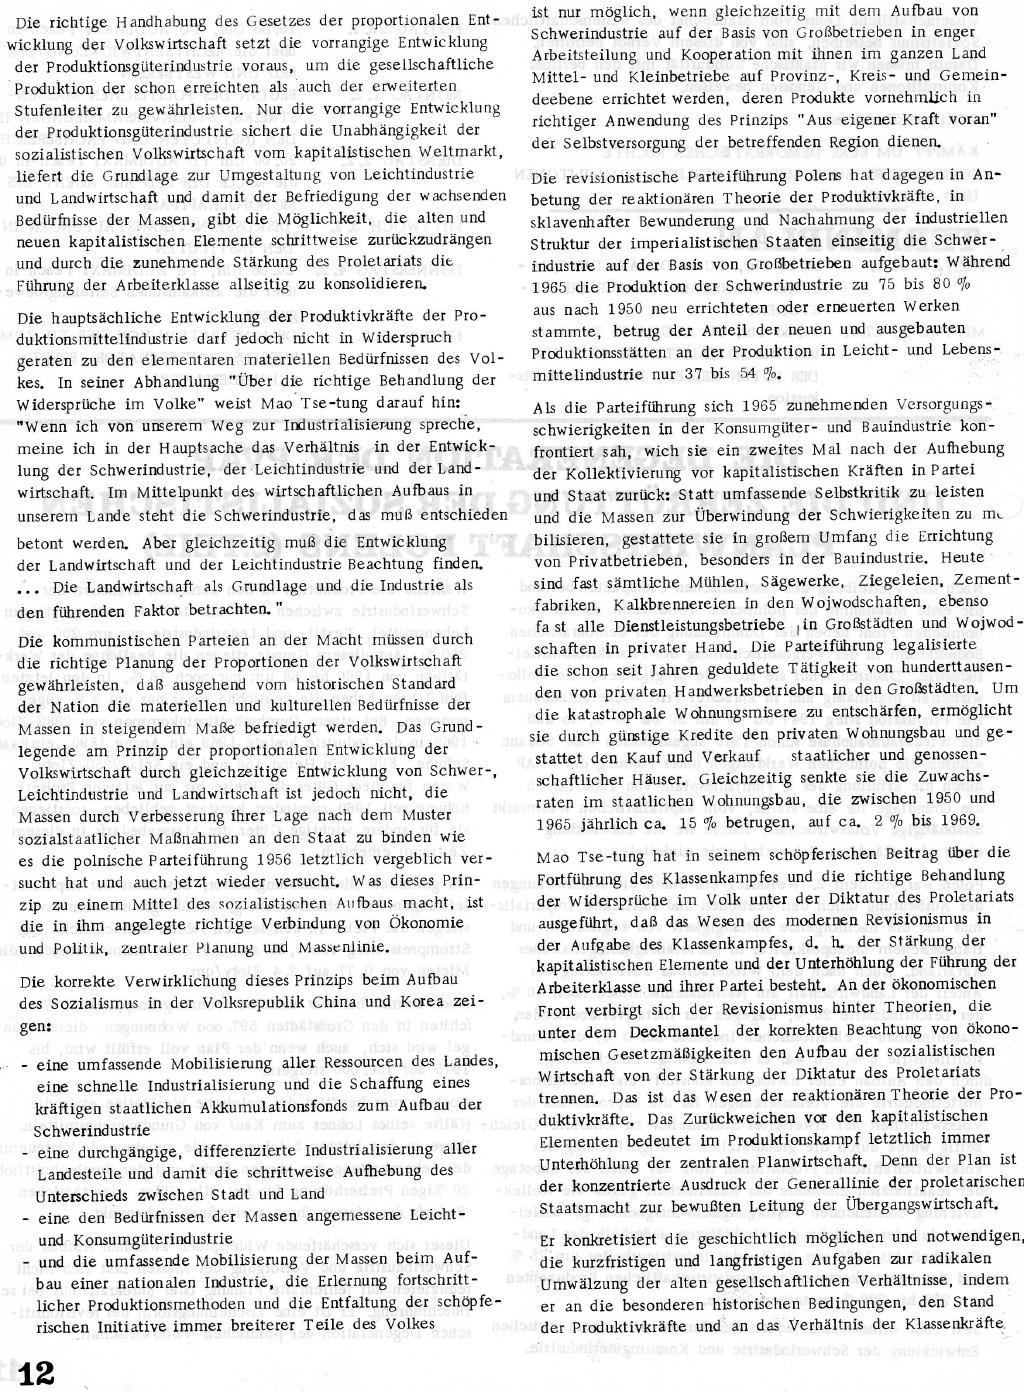 RPK_1971_099_12